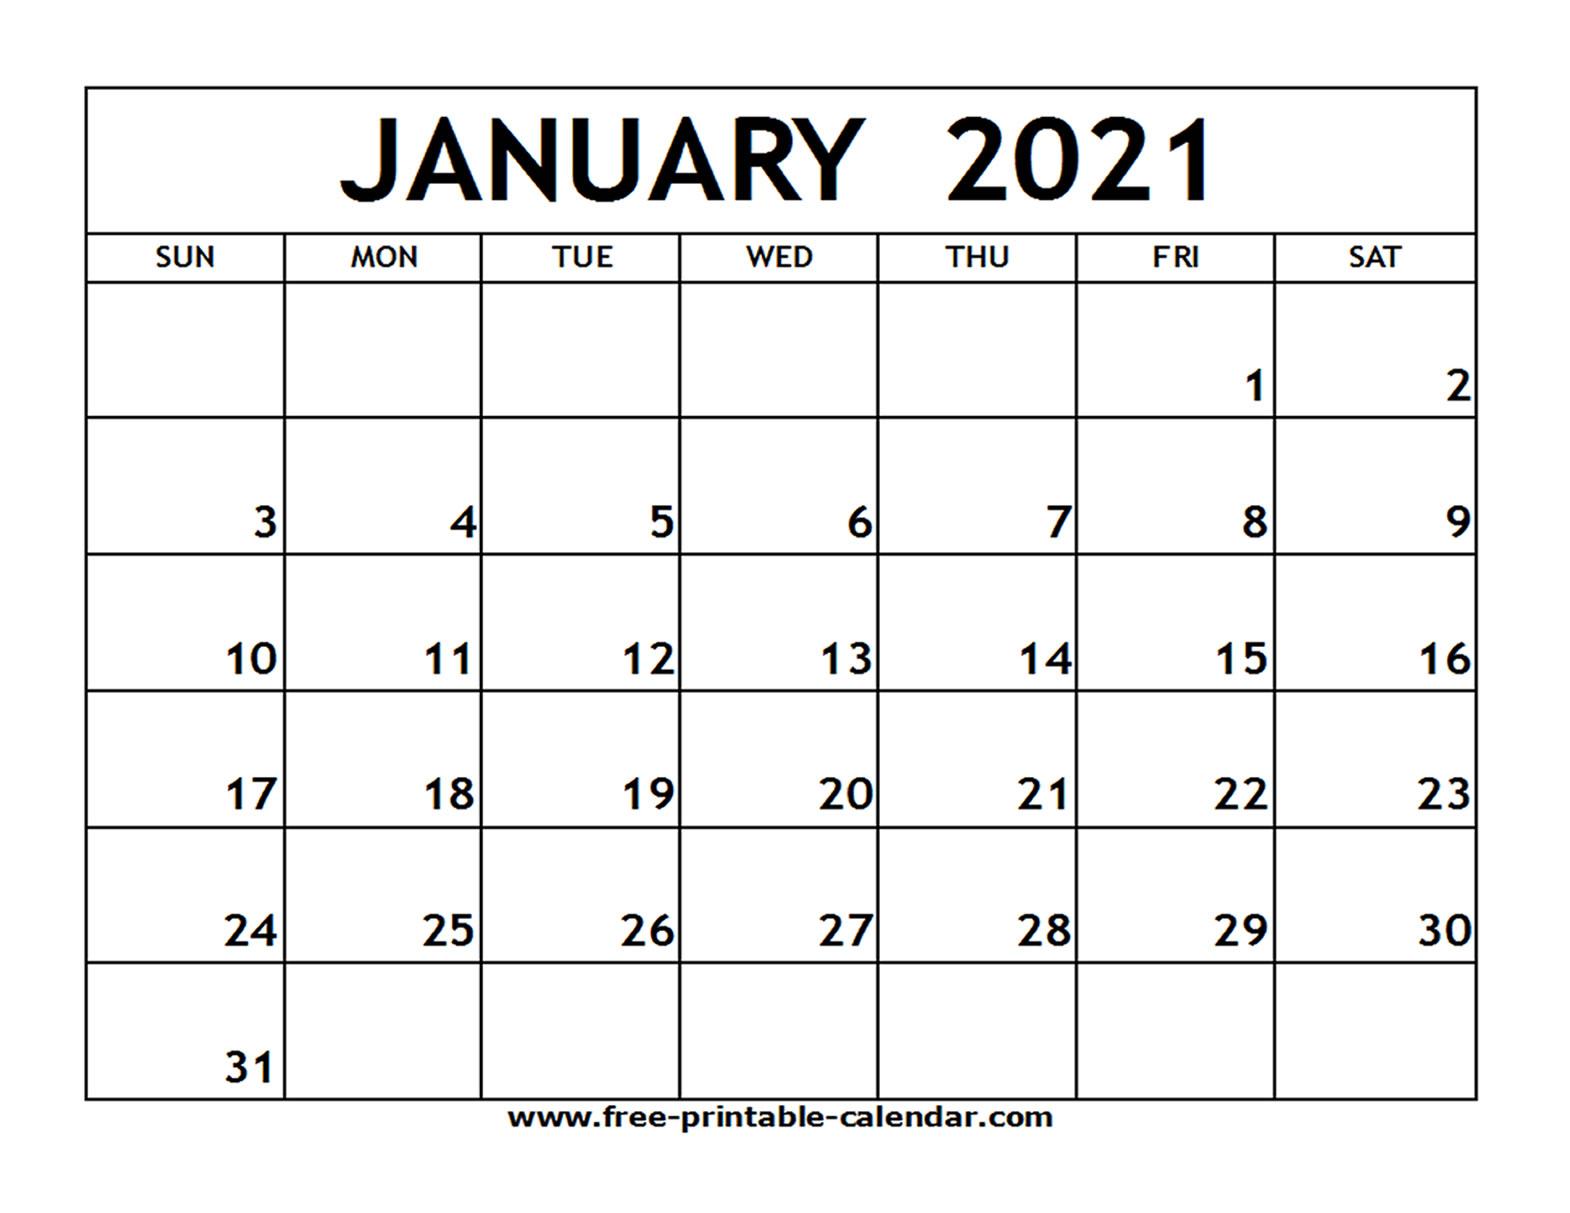 January 2021 Printable Calendar - Free-Printable-Calendar with regard to Printable Fill In Calendar 2021